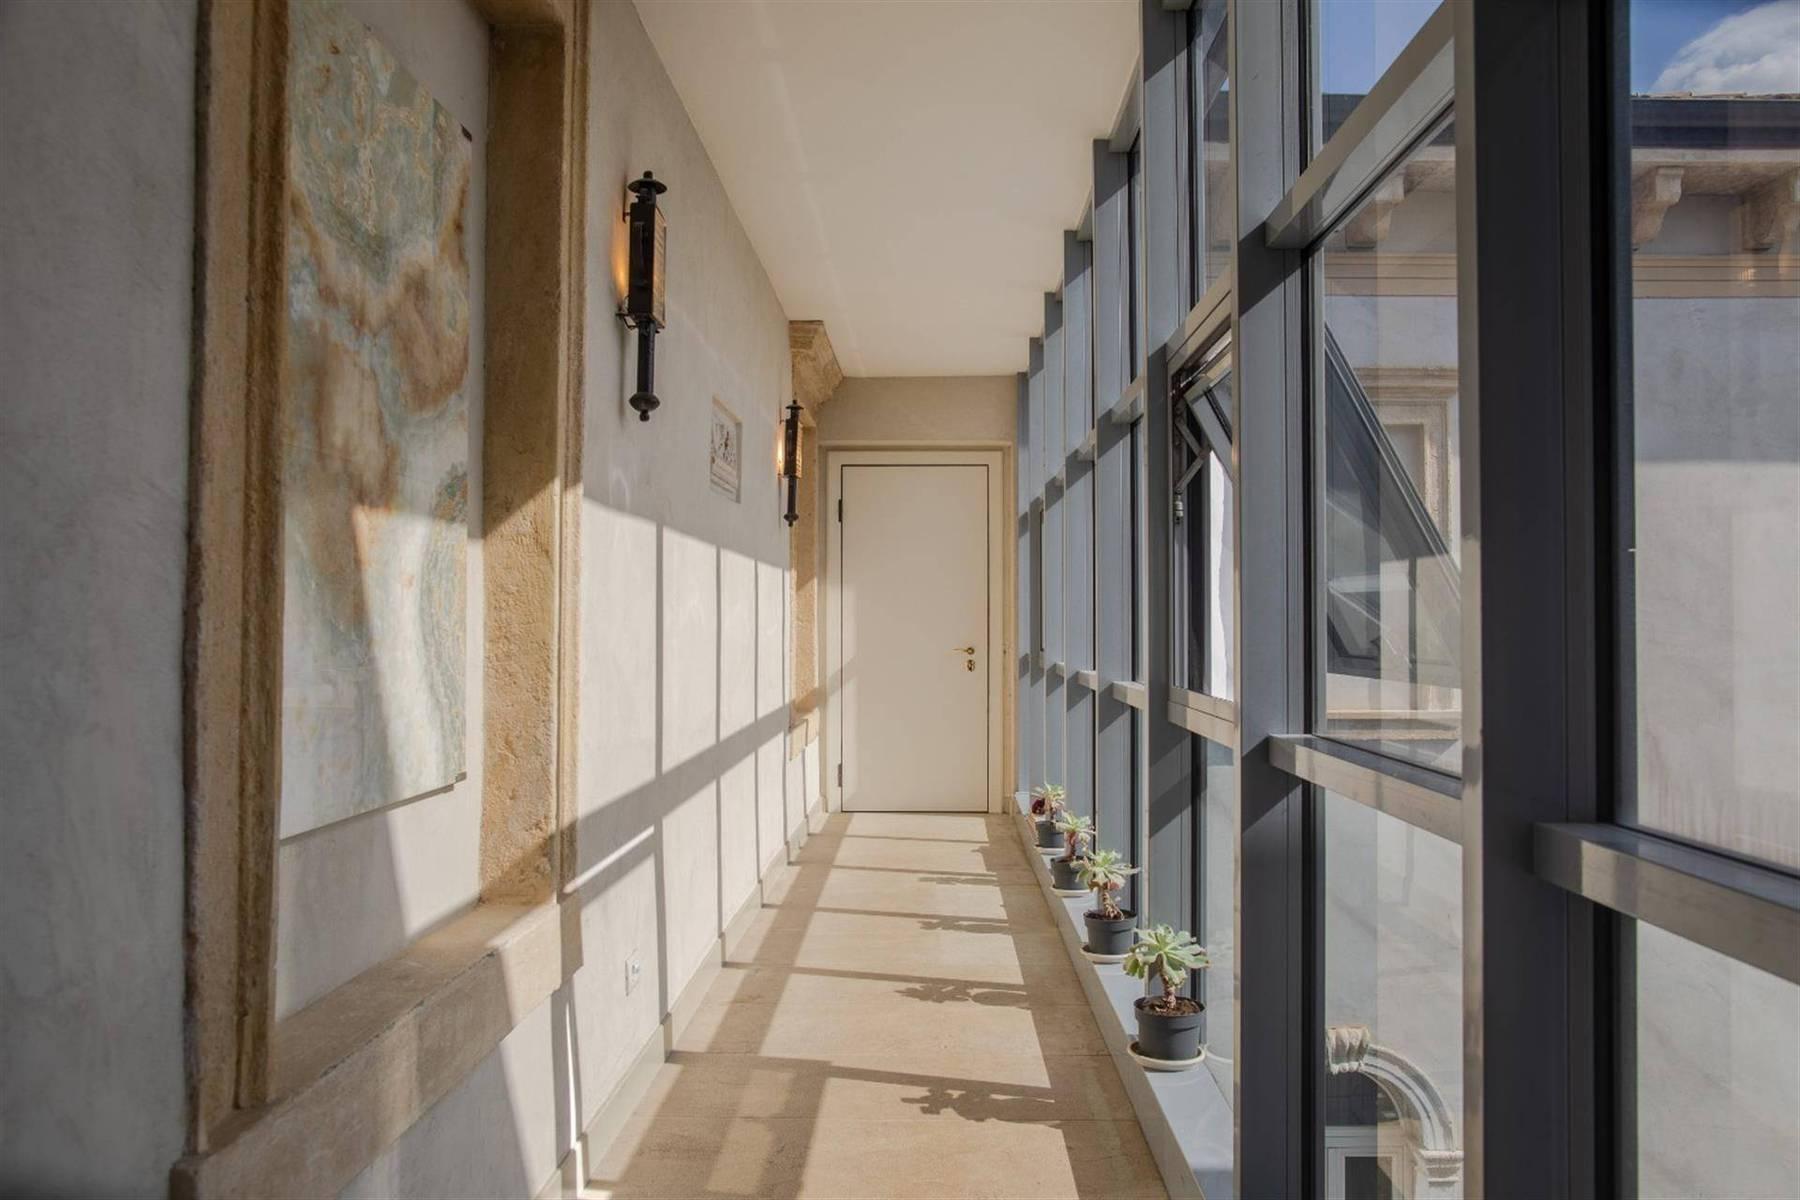 Attico in Vendita a Verona: 5 locali, 450 mq - Foto 4